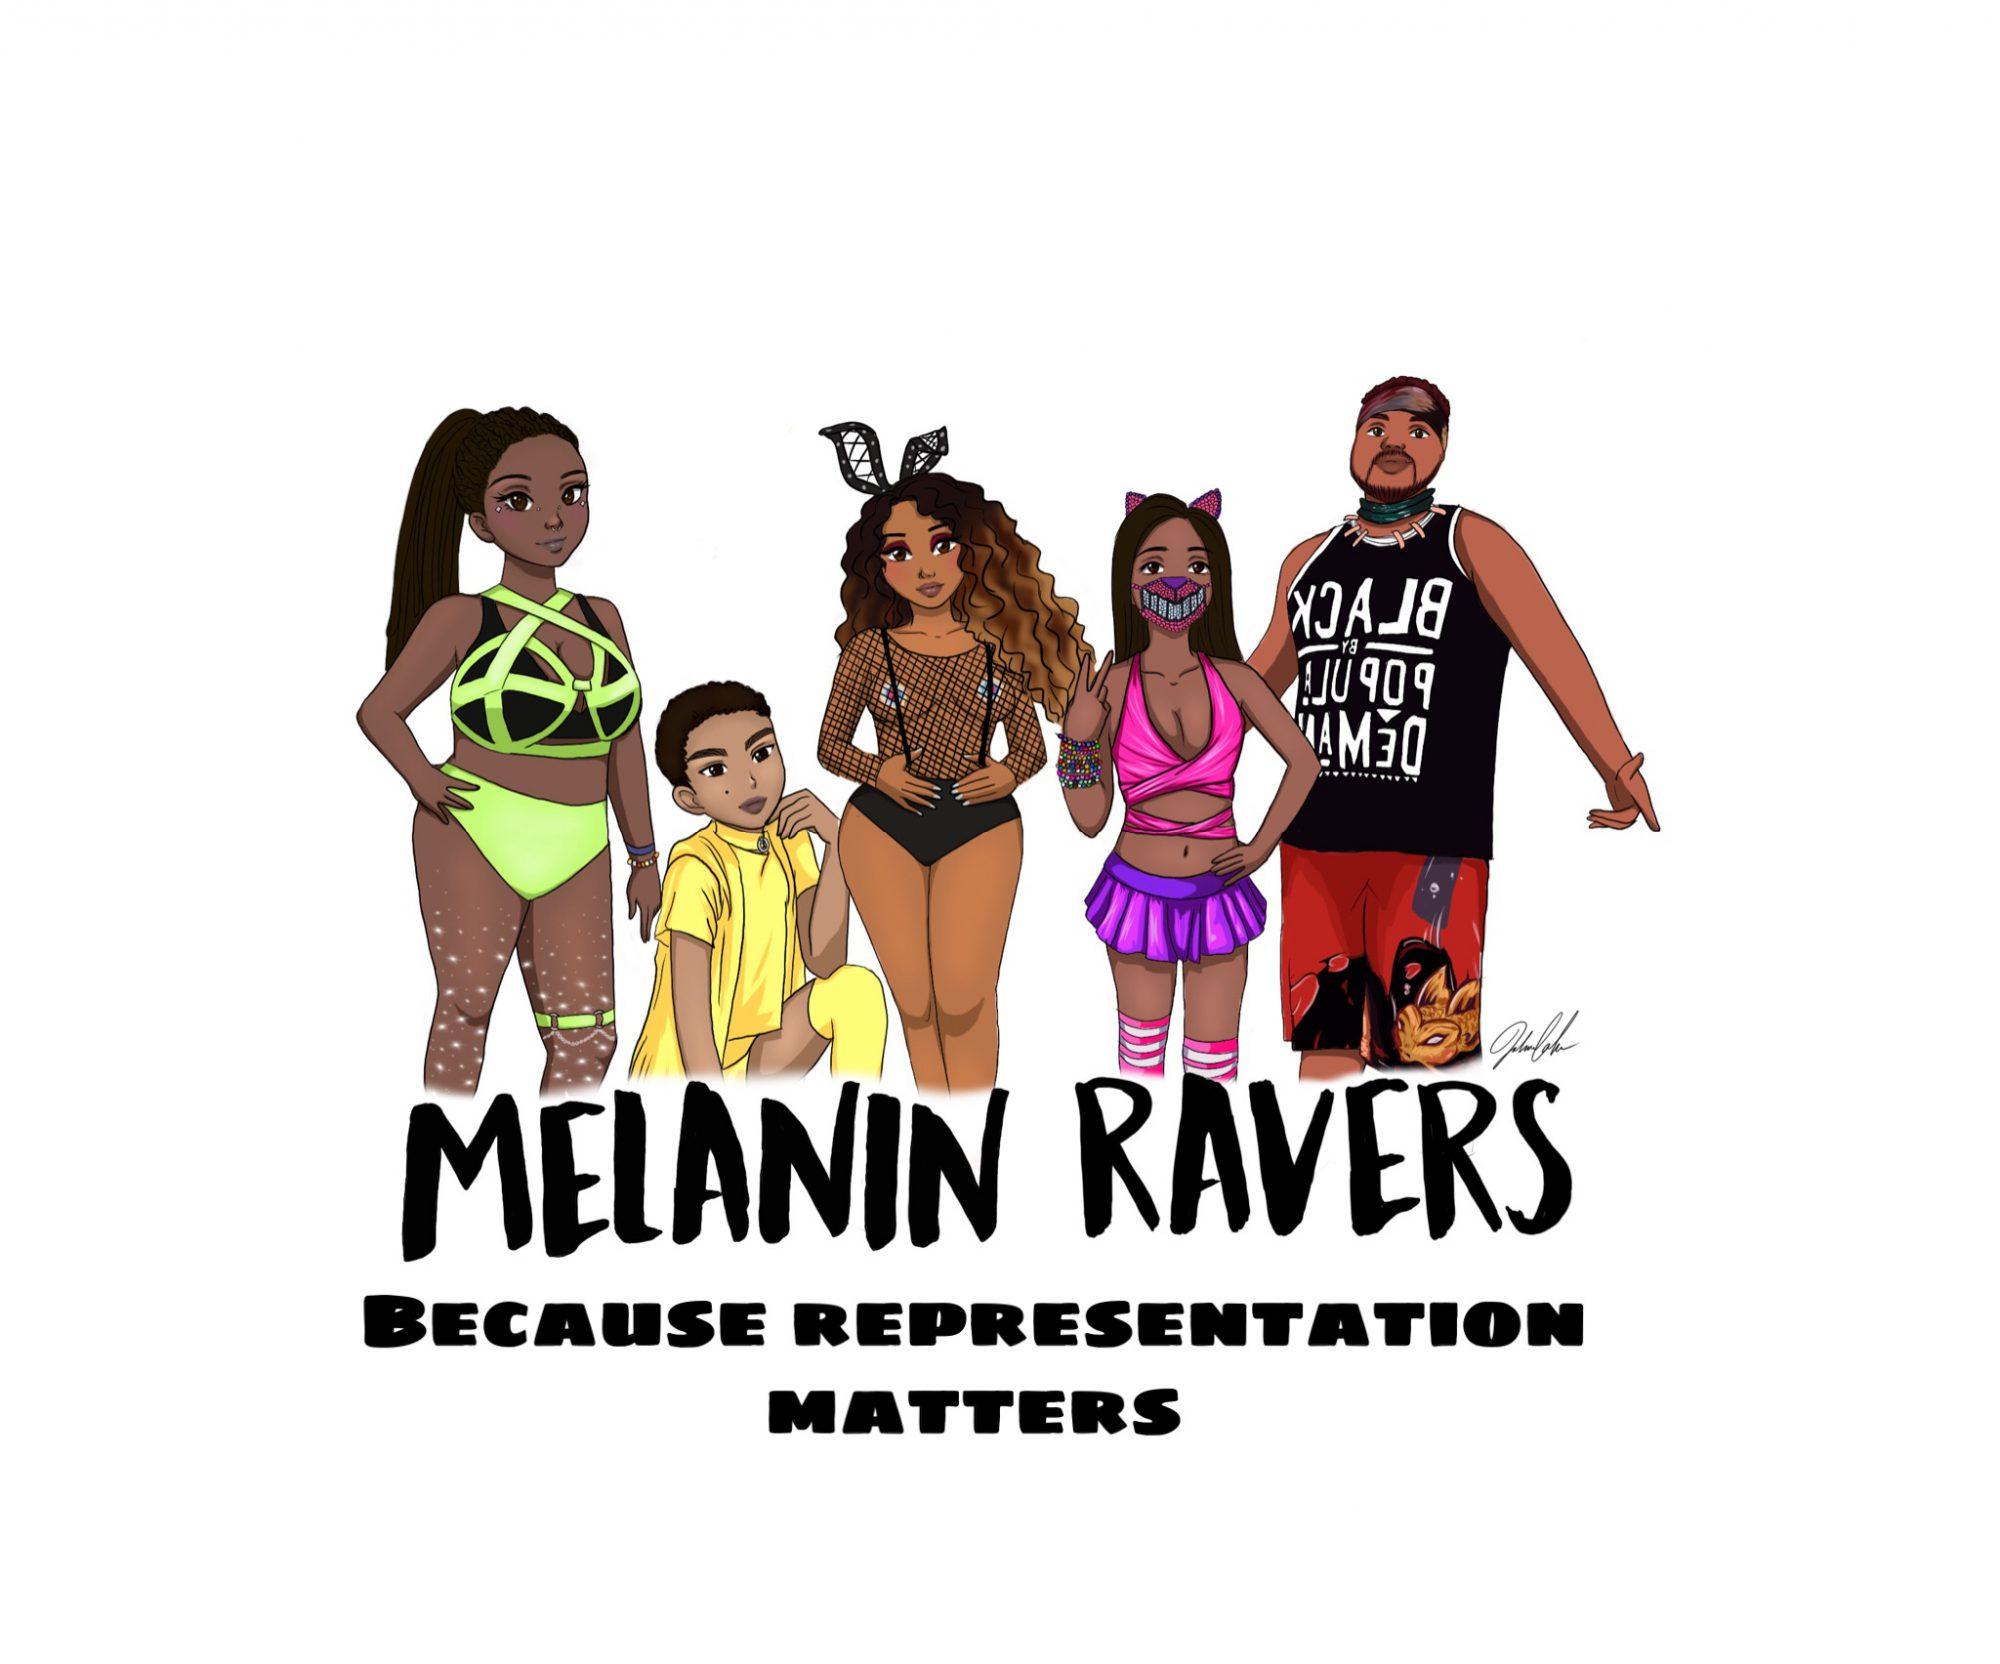 Melanin Ravers